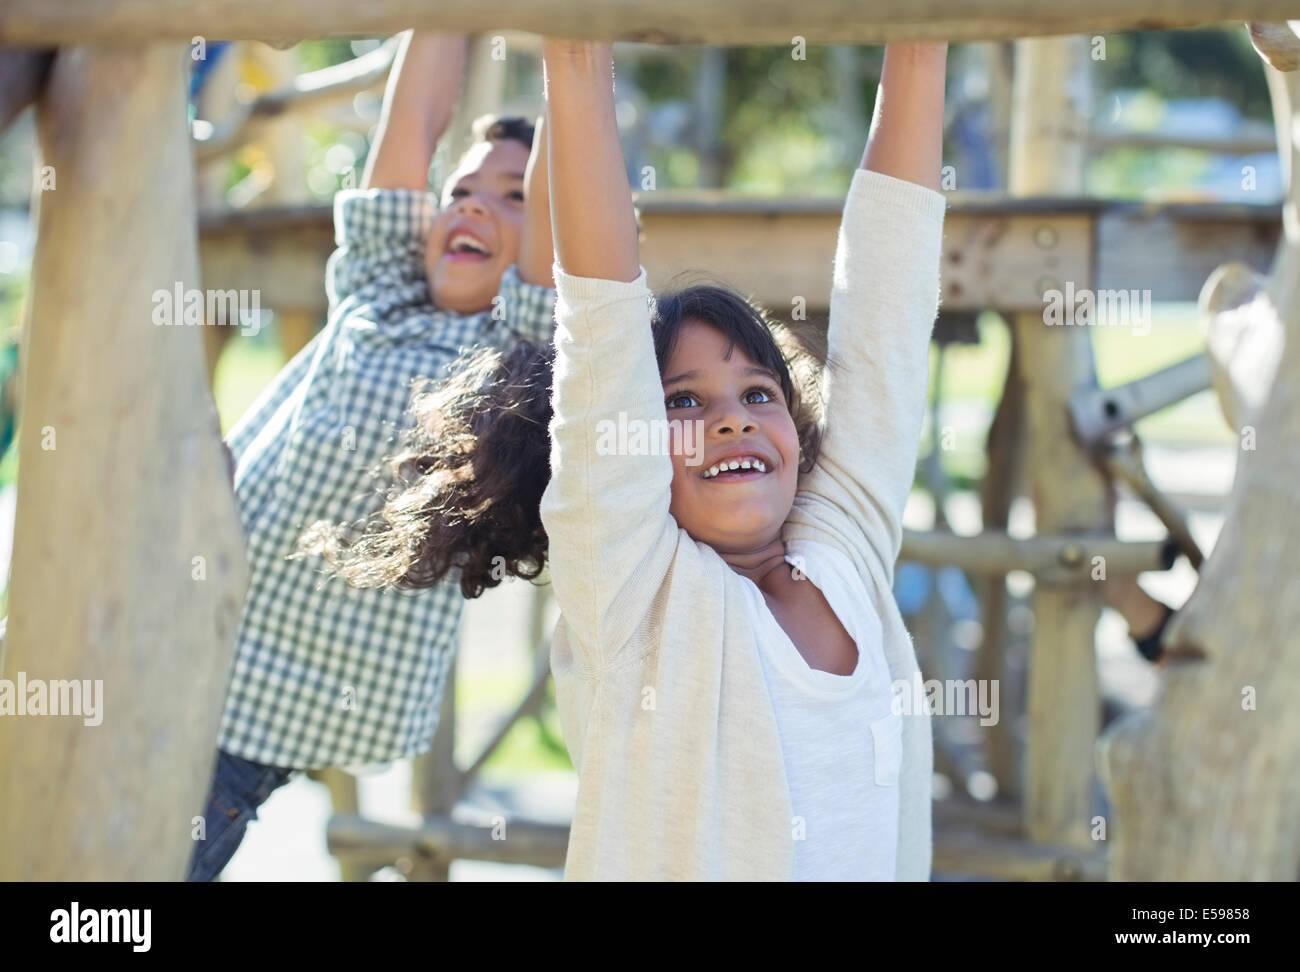 Kletterdreieck Alter : Kinder klettern auf klettergerüst stockfoto bild: 72118740 alamy